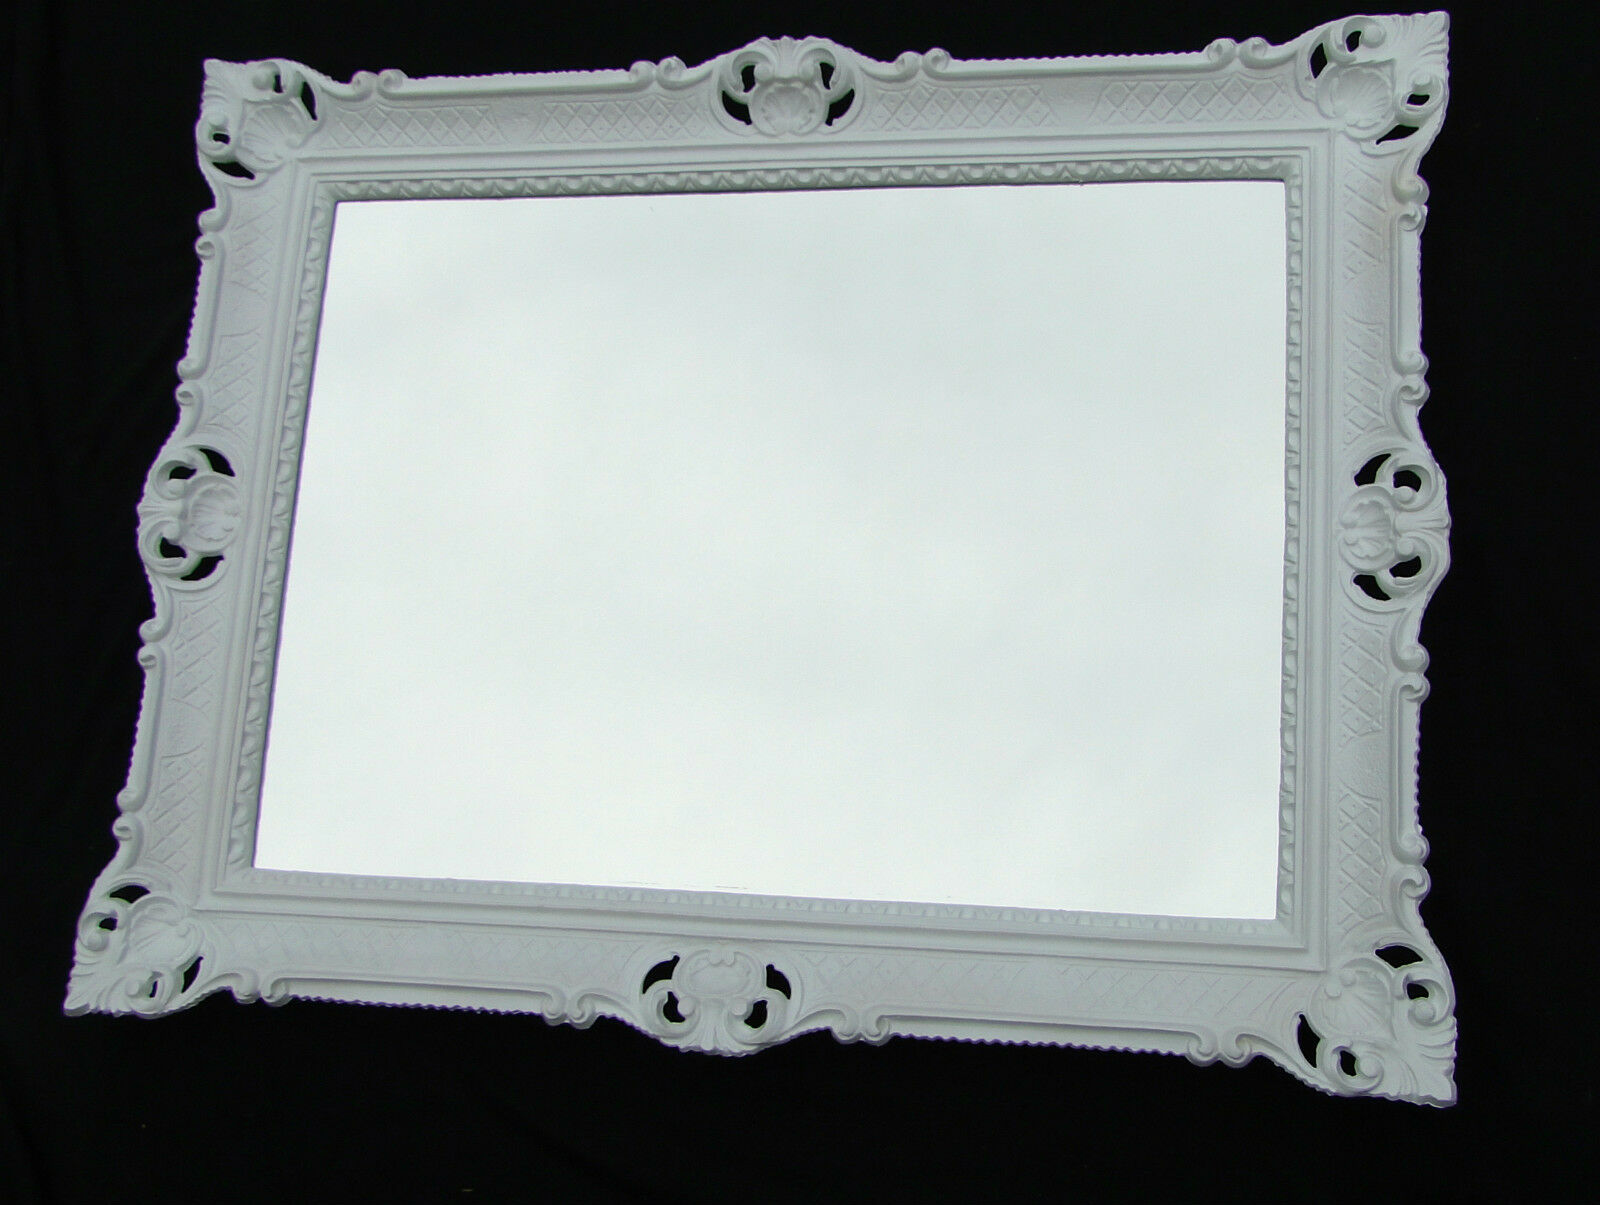 Außergewöhnlich Wandspiegel 90x70 Spiegel BAROCK Rechteckig Antik 1111 Weiß Badspiegel 1 1  ...